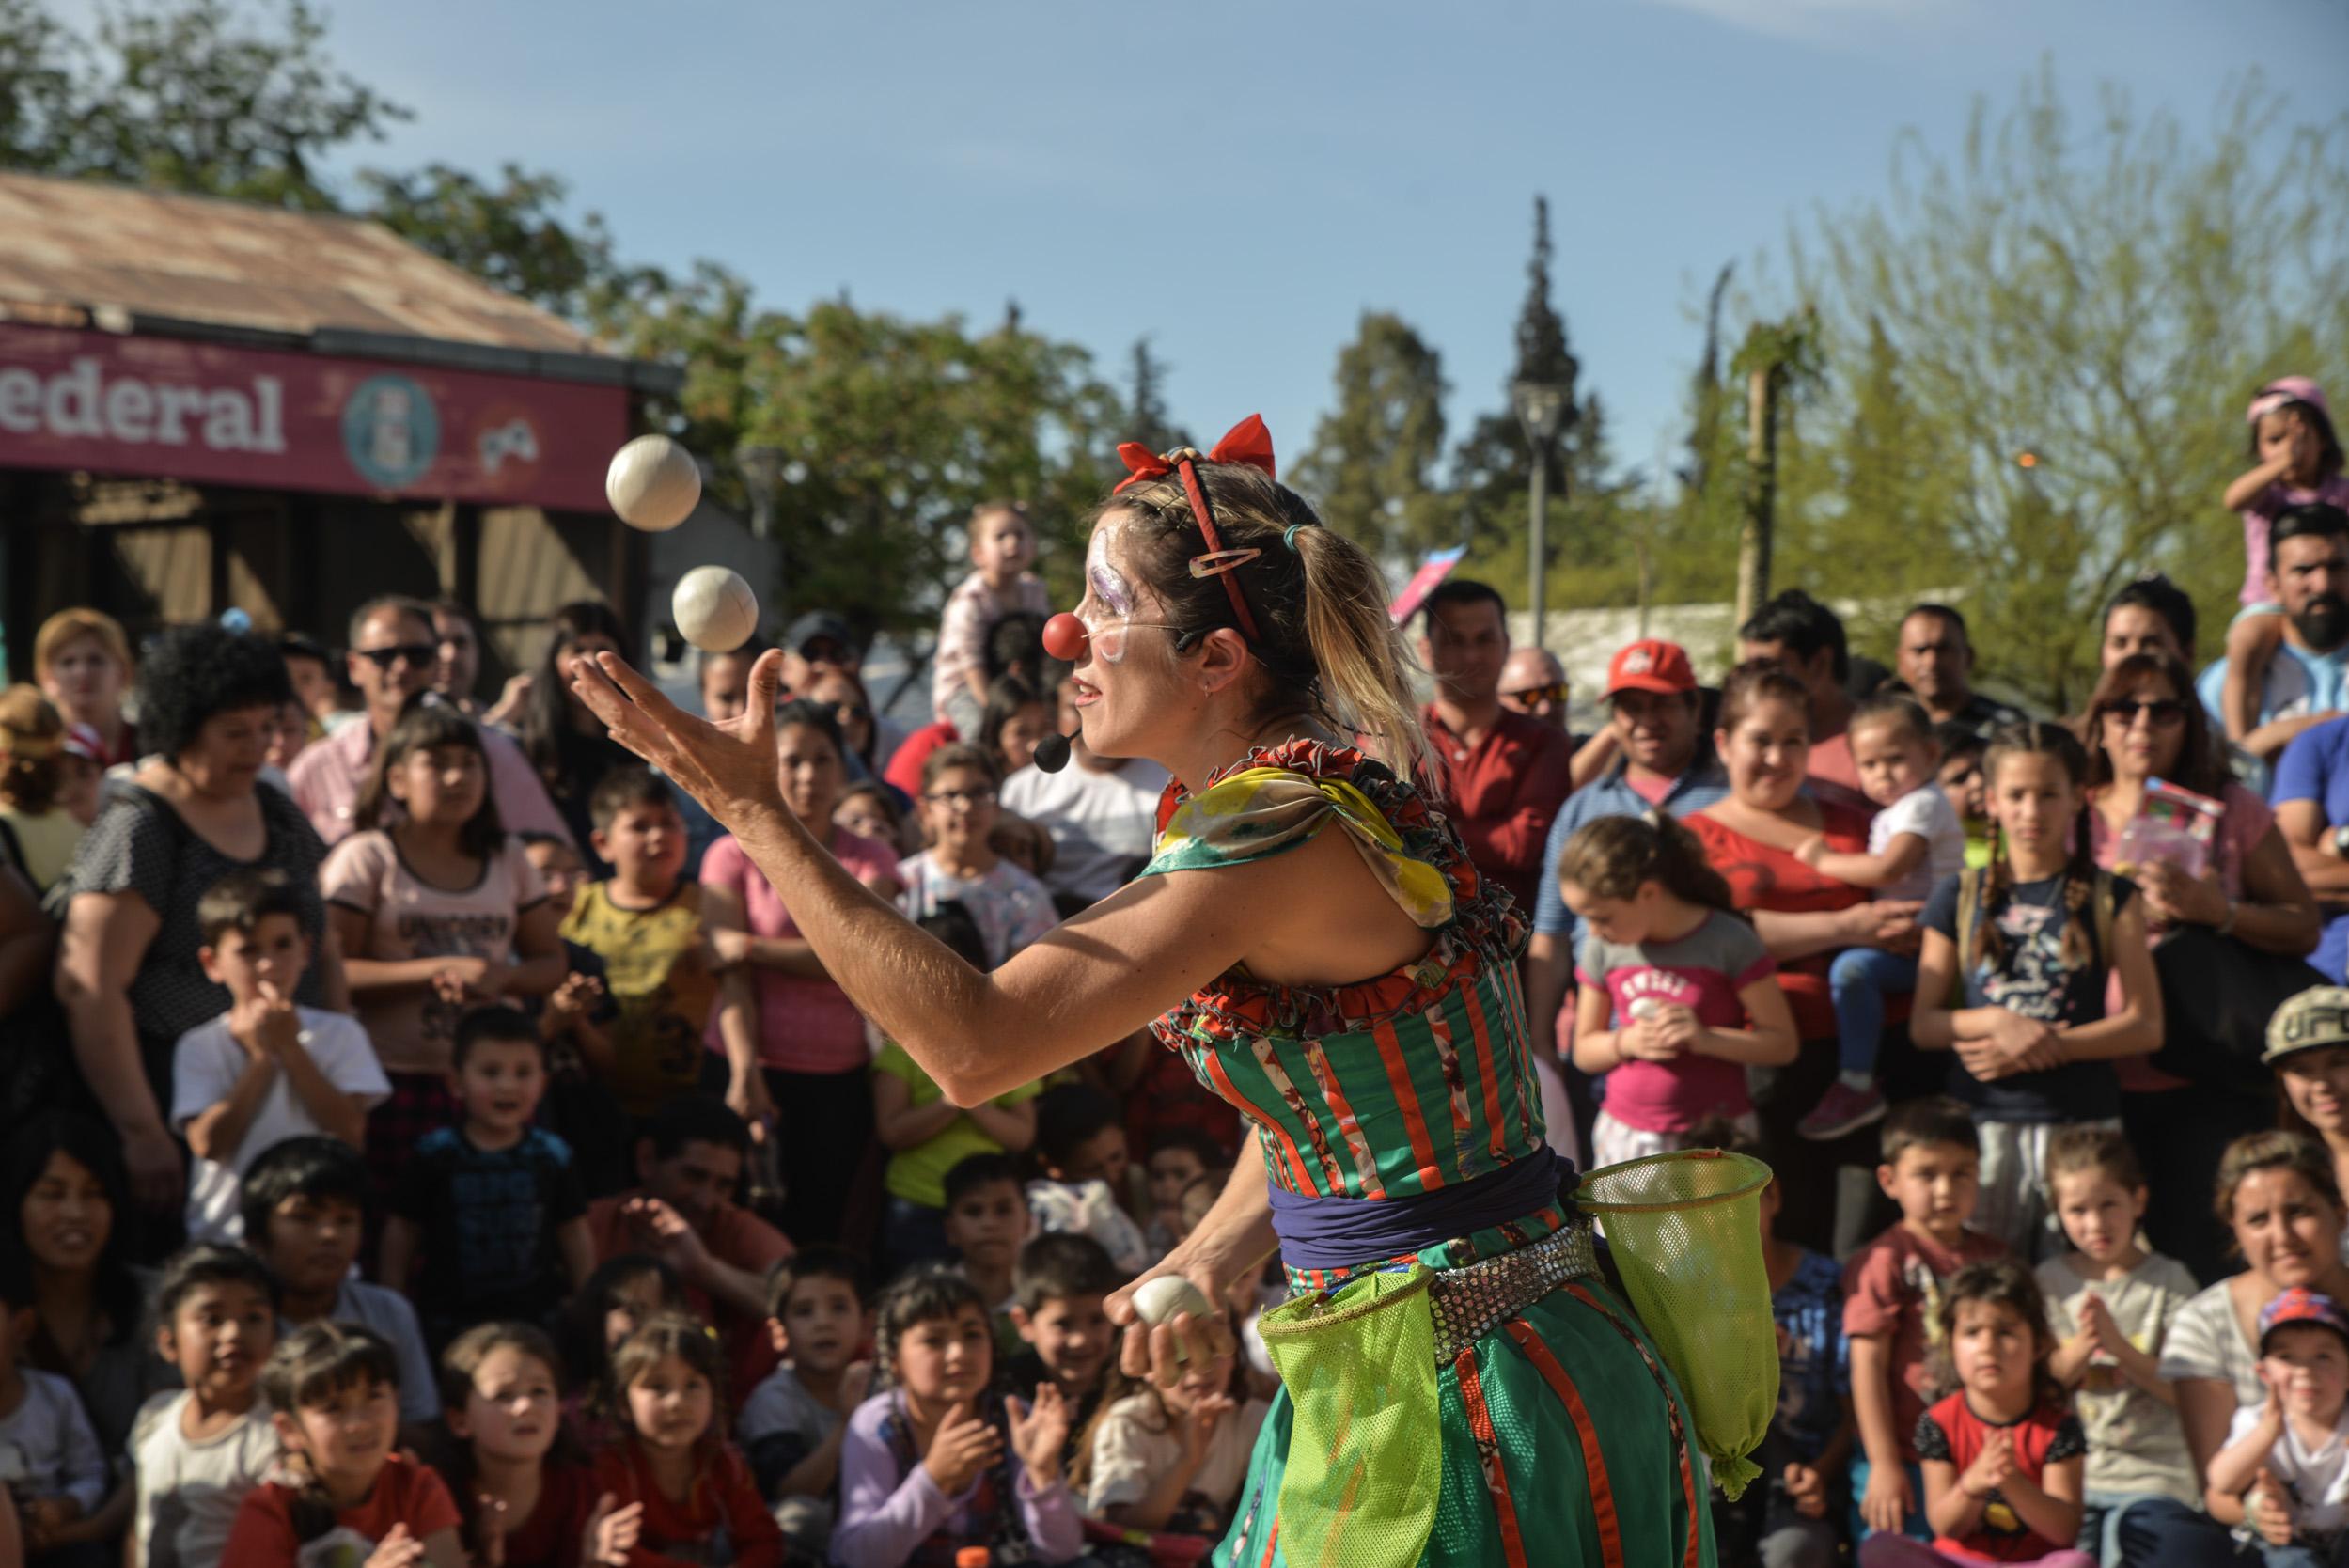 El Circo de Campanita Tecnópolis Federal Mendoza